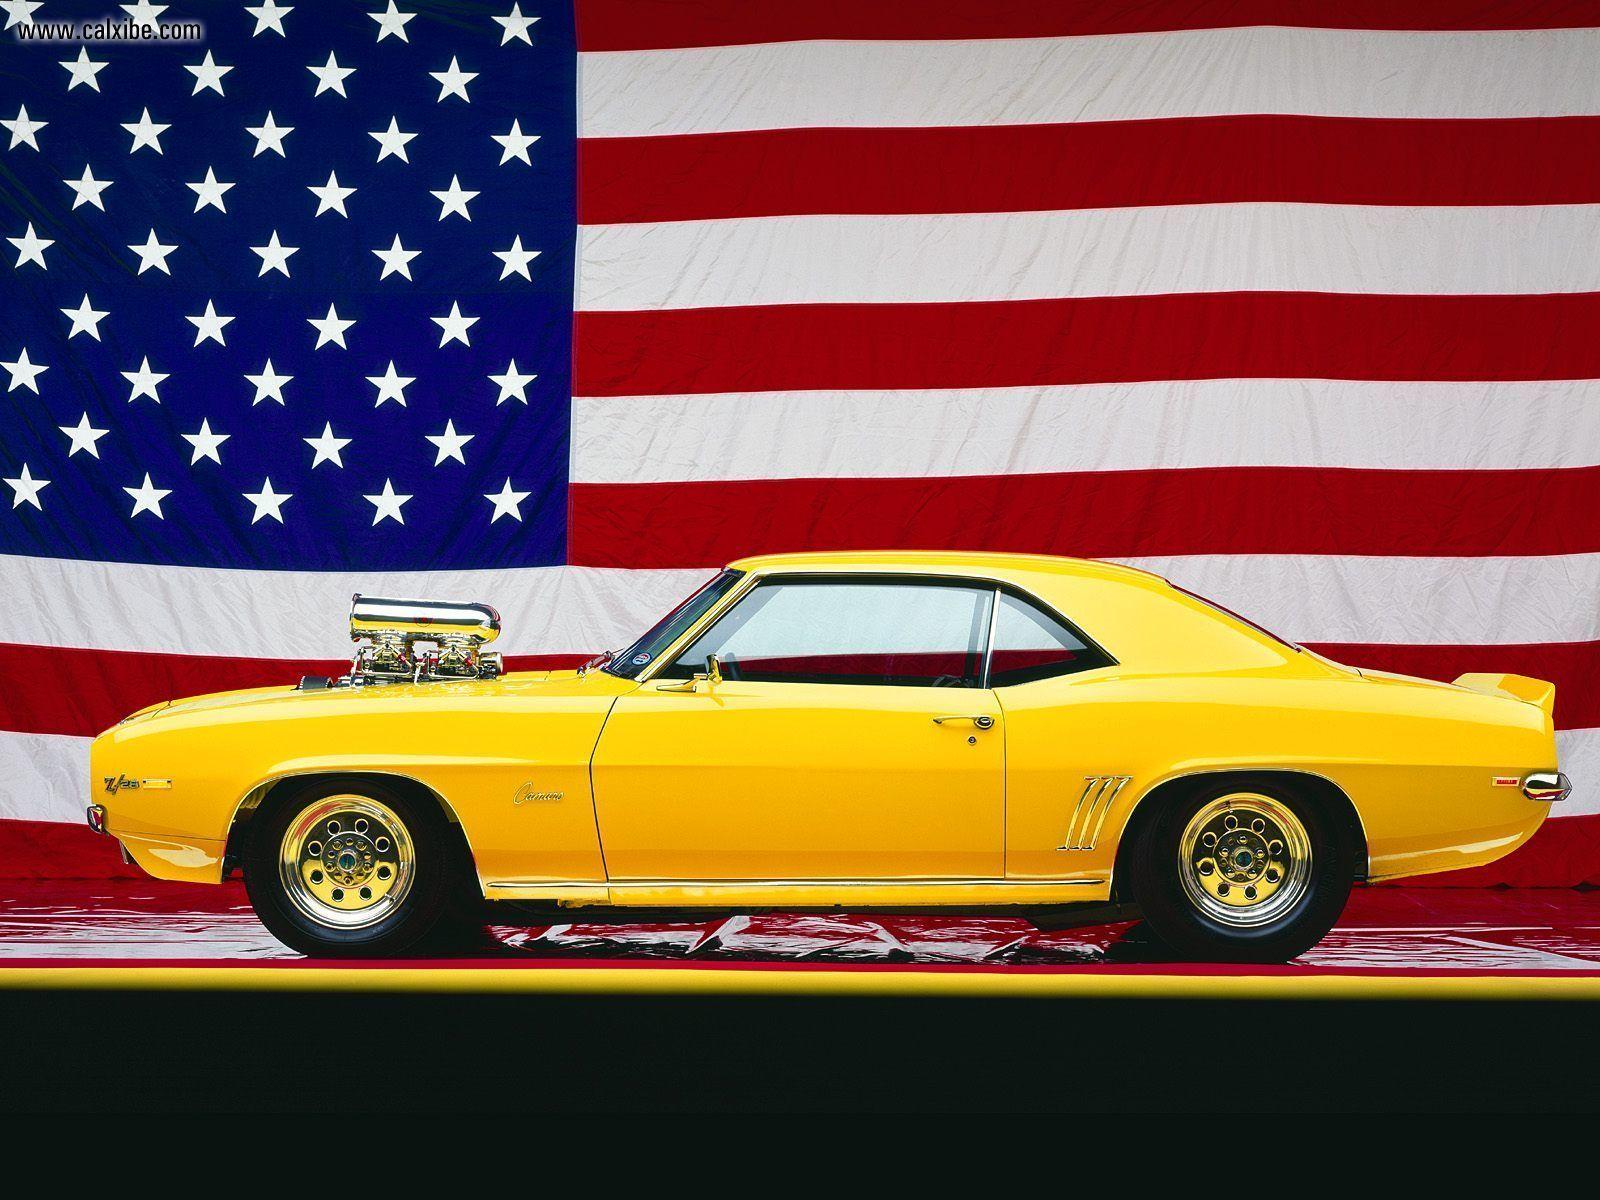 1969 chevrolet camaro z28 | testosterone | pinterest | chevrolet